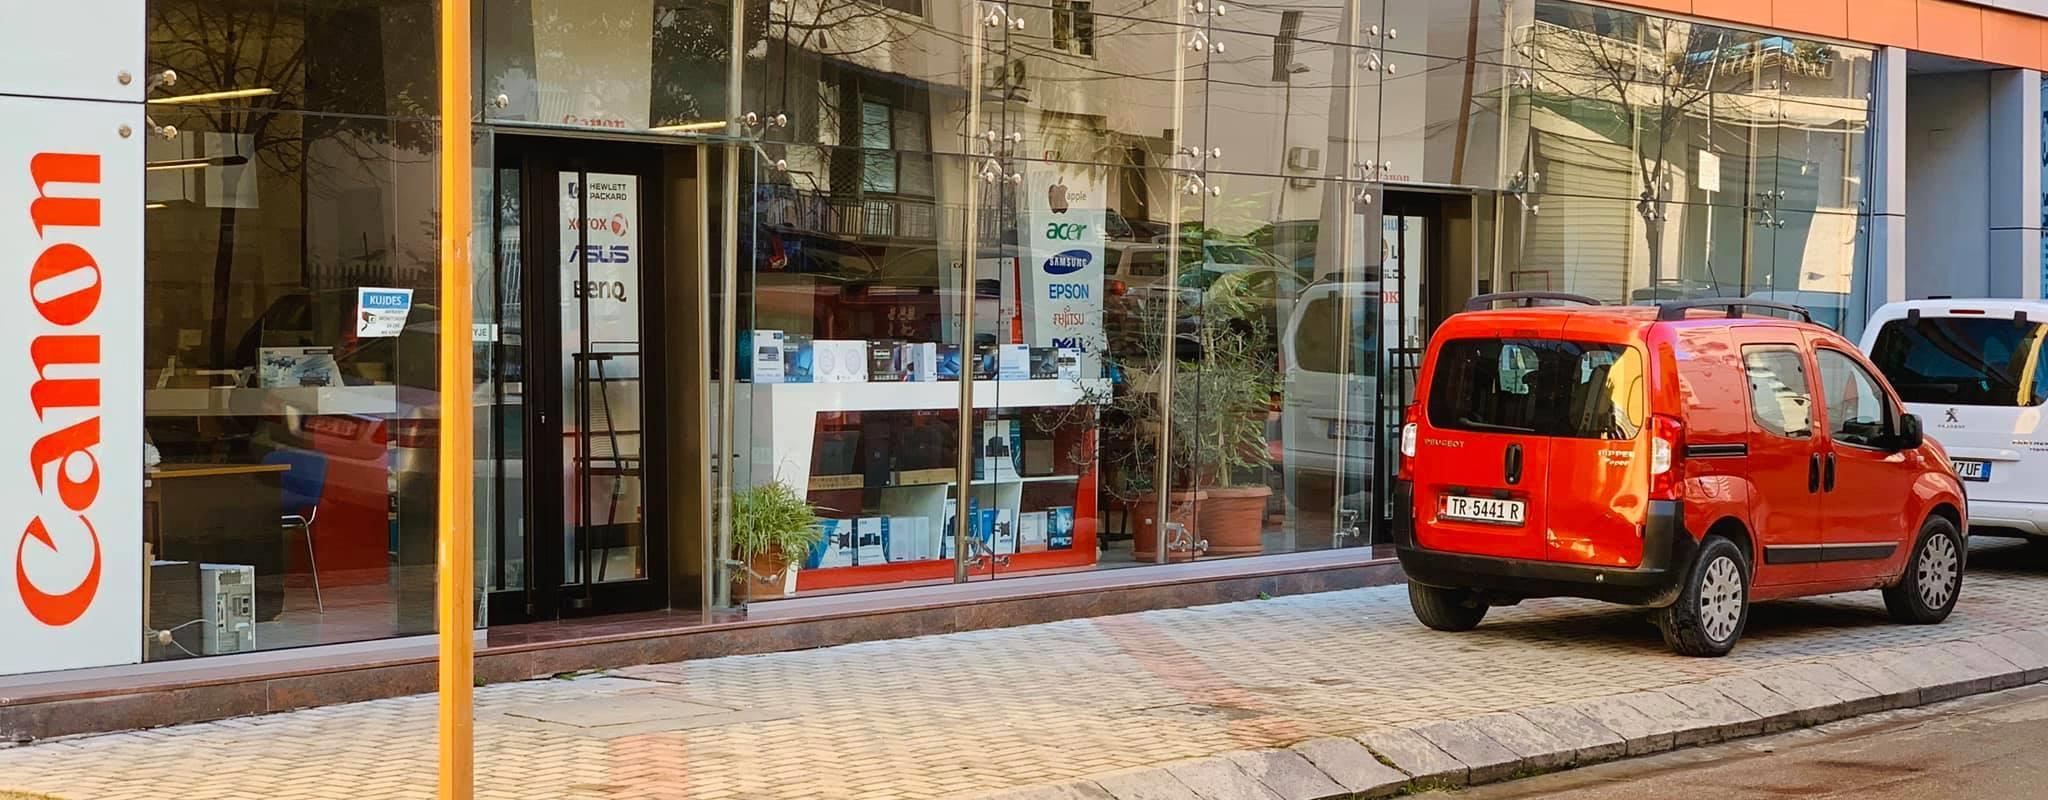 dyqani